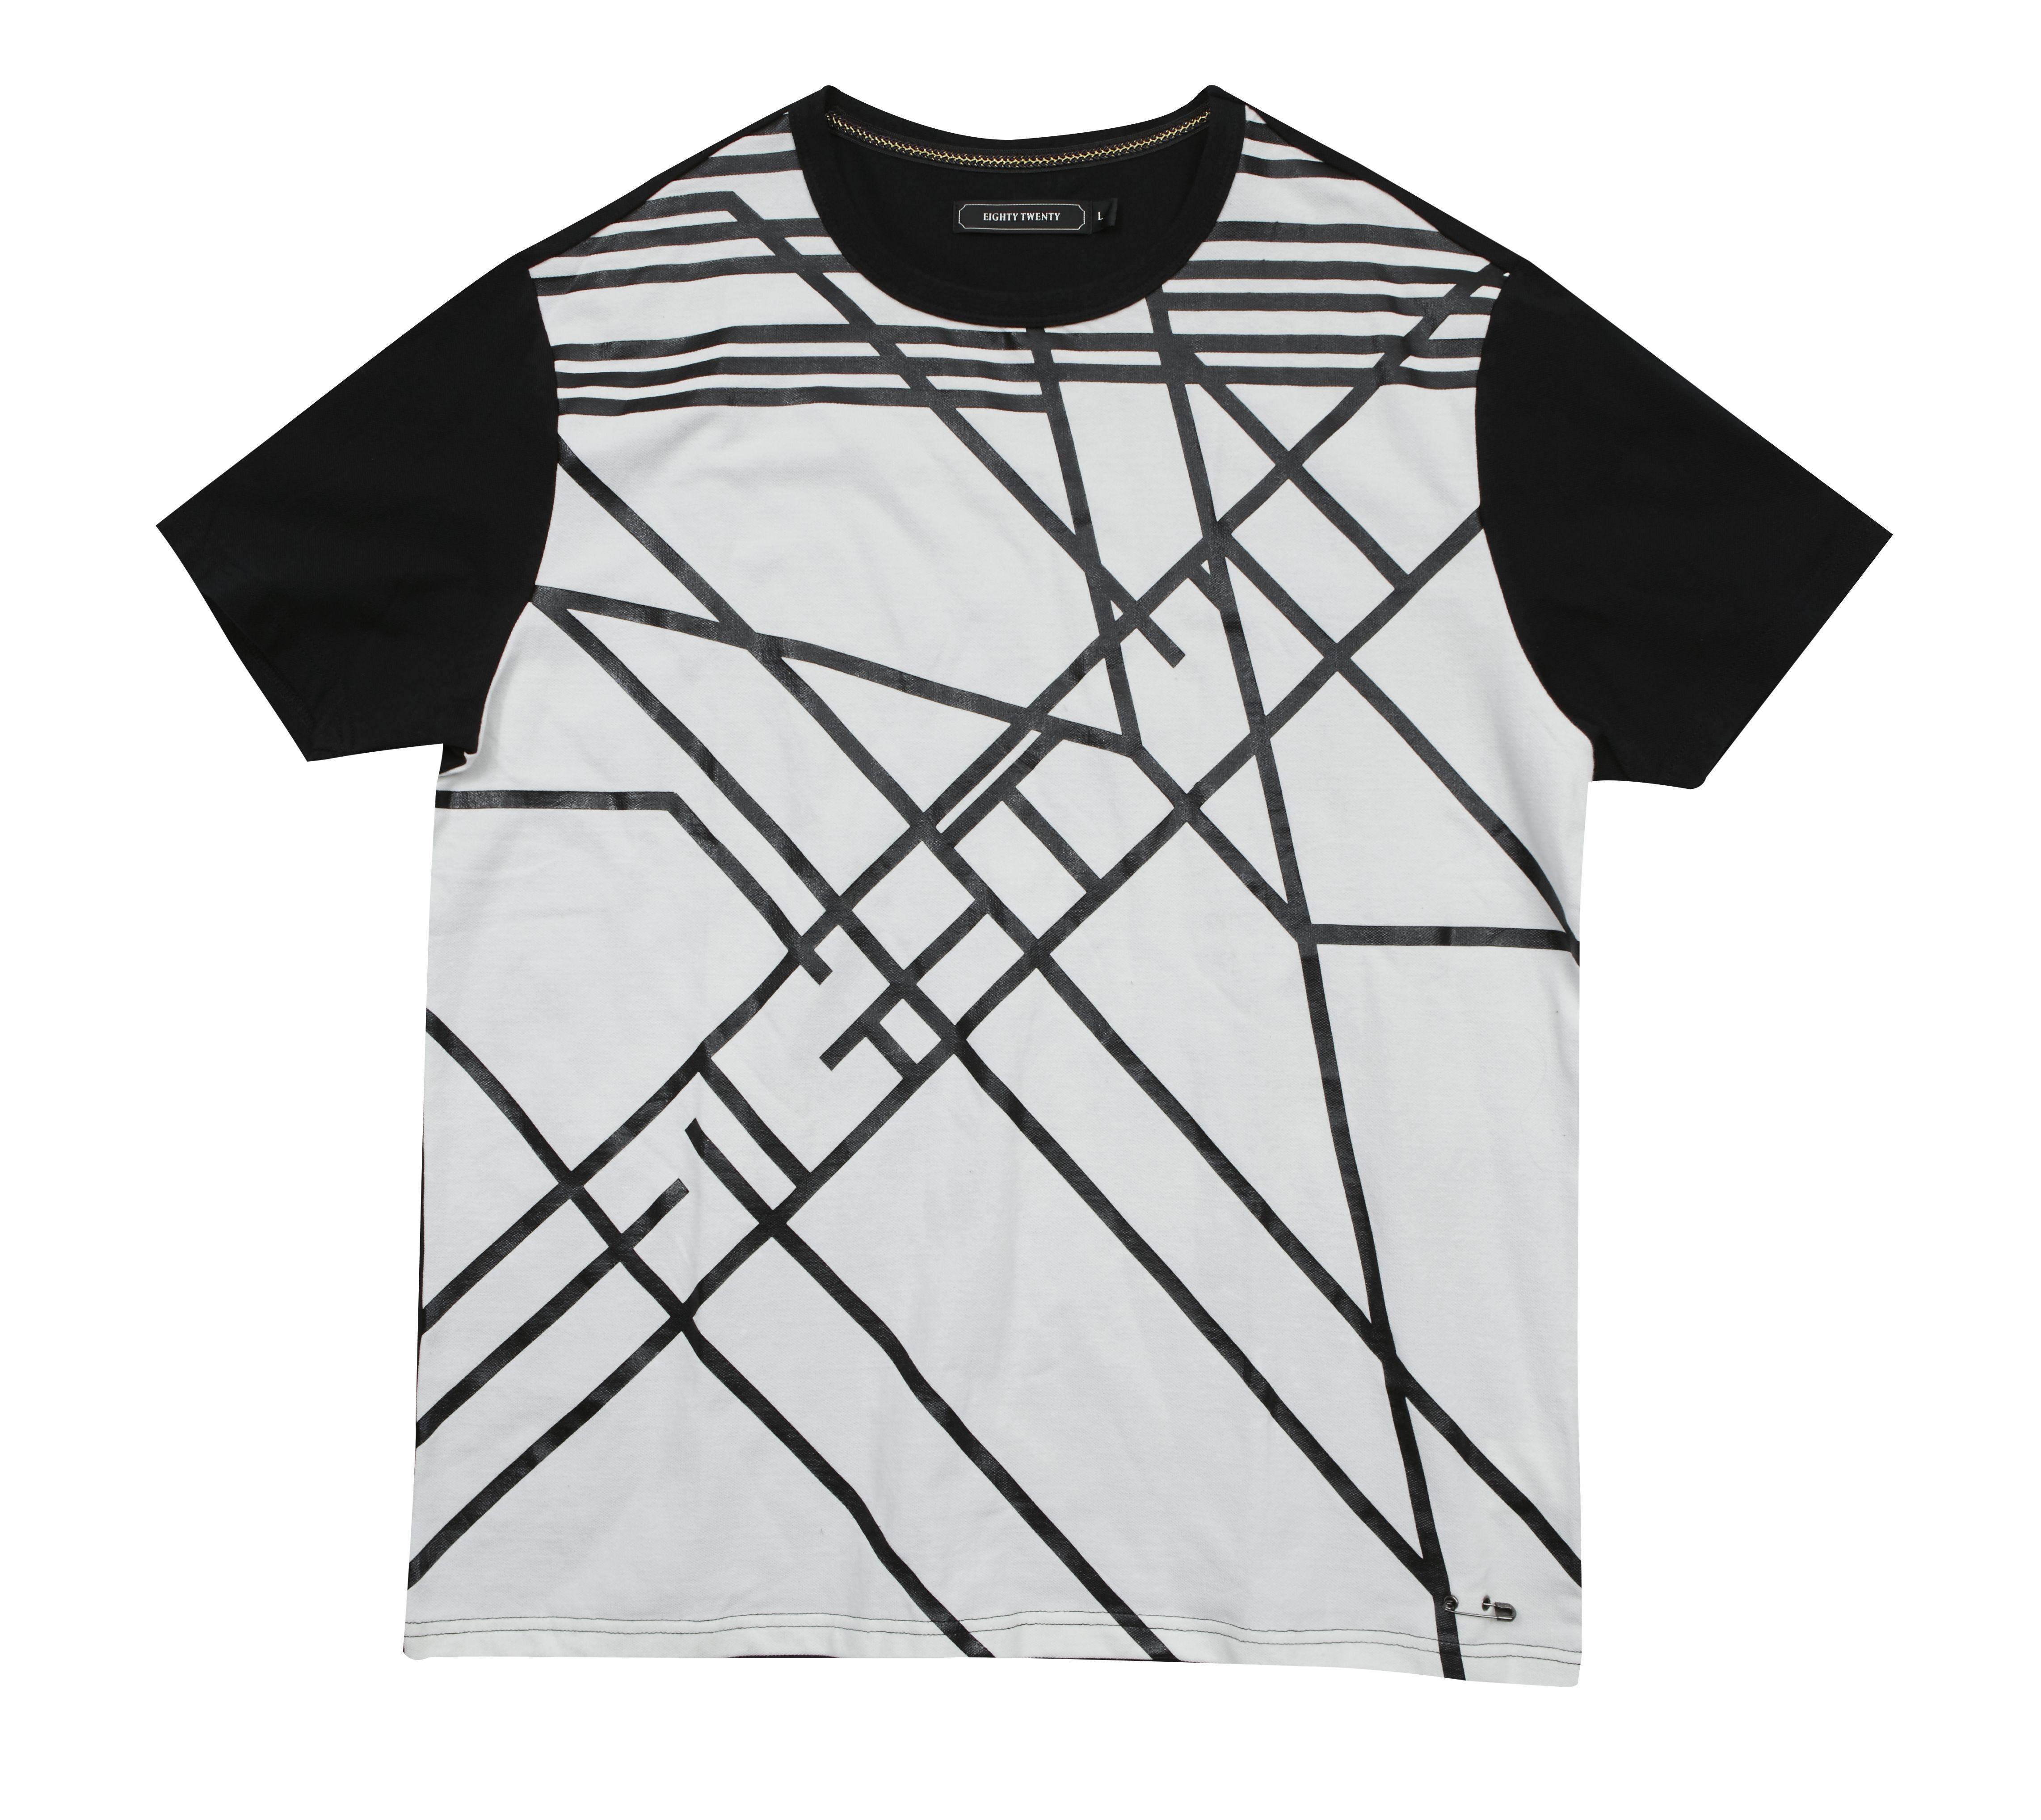 T shirt design hong kong -  Bauhaus_hk Bauhaus Bauhaus_hk Hongkong Hk 80 20 Eighty_twenty